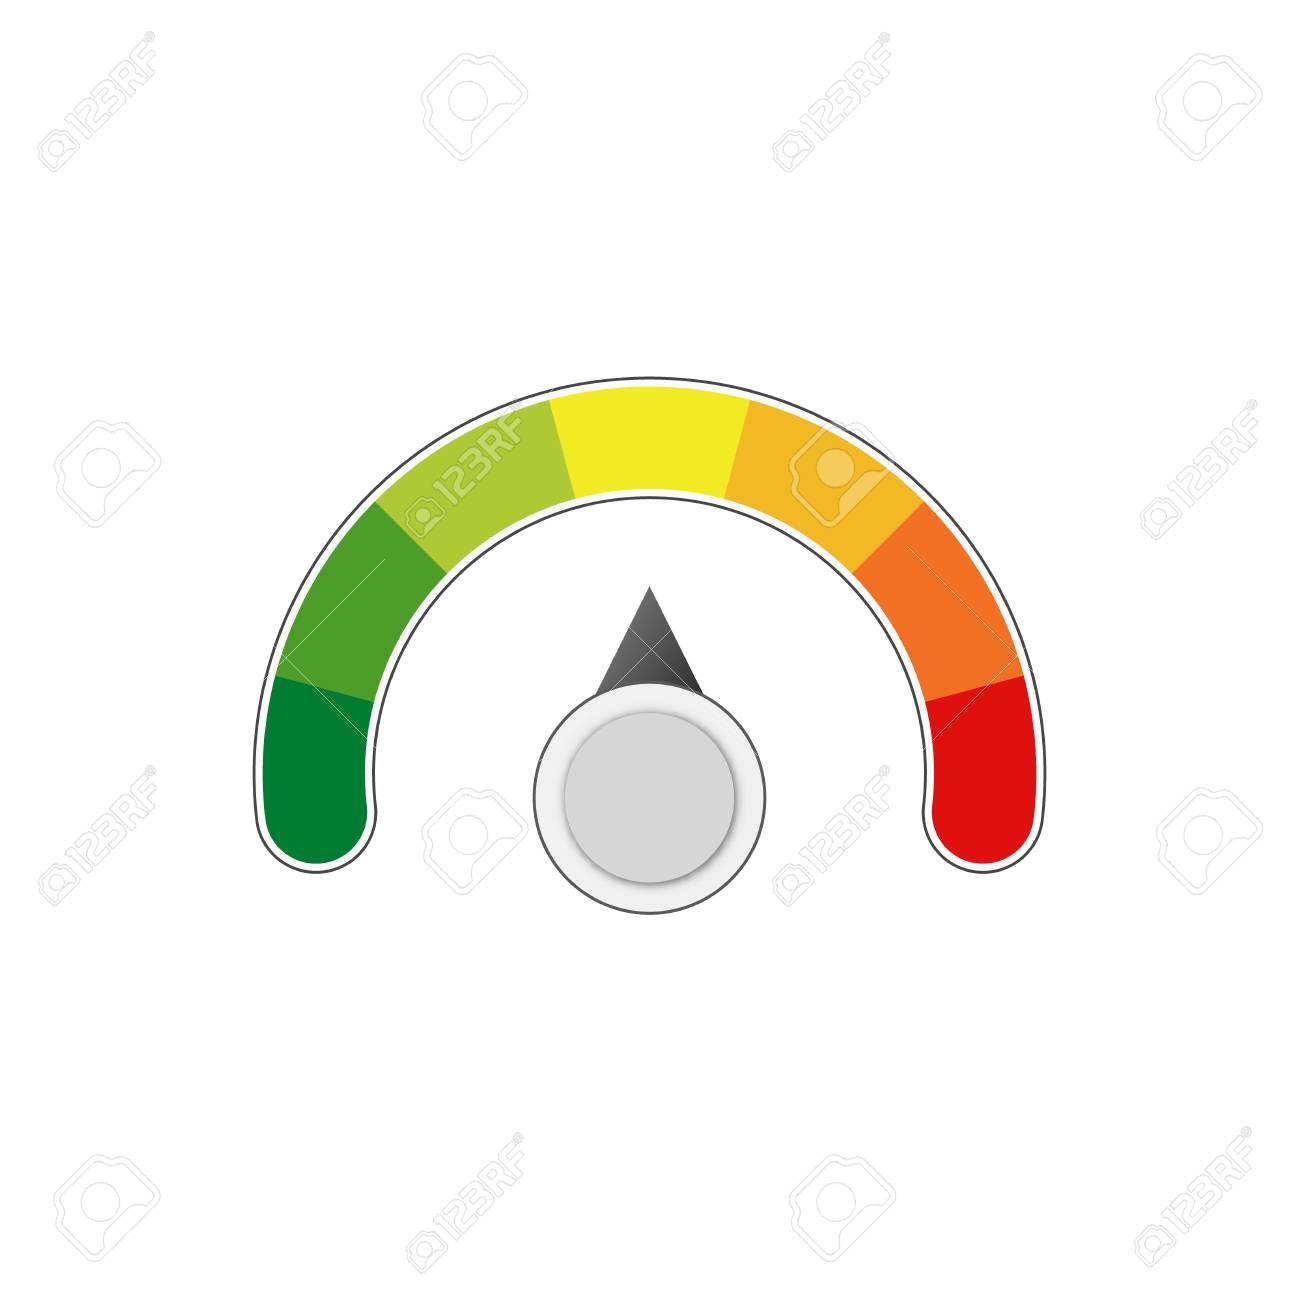 satisfaction level measure scale meter vector meter - 107308201